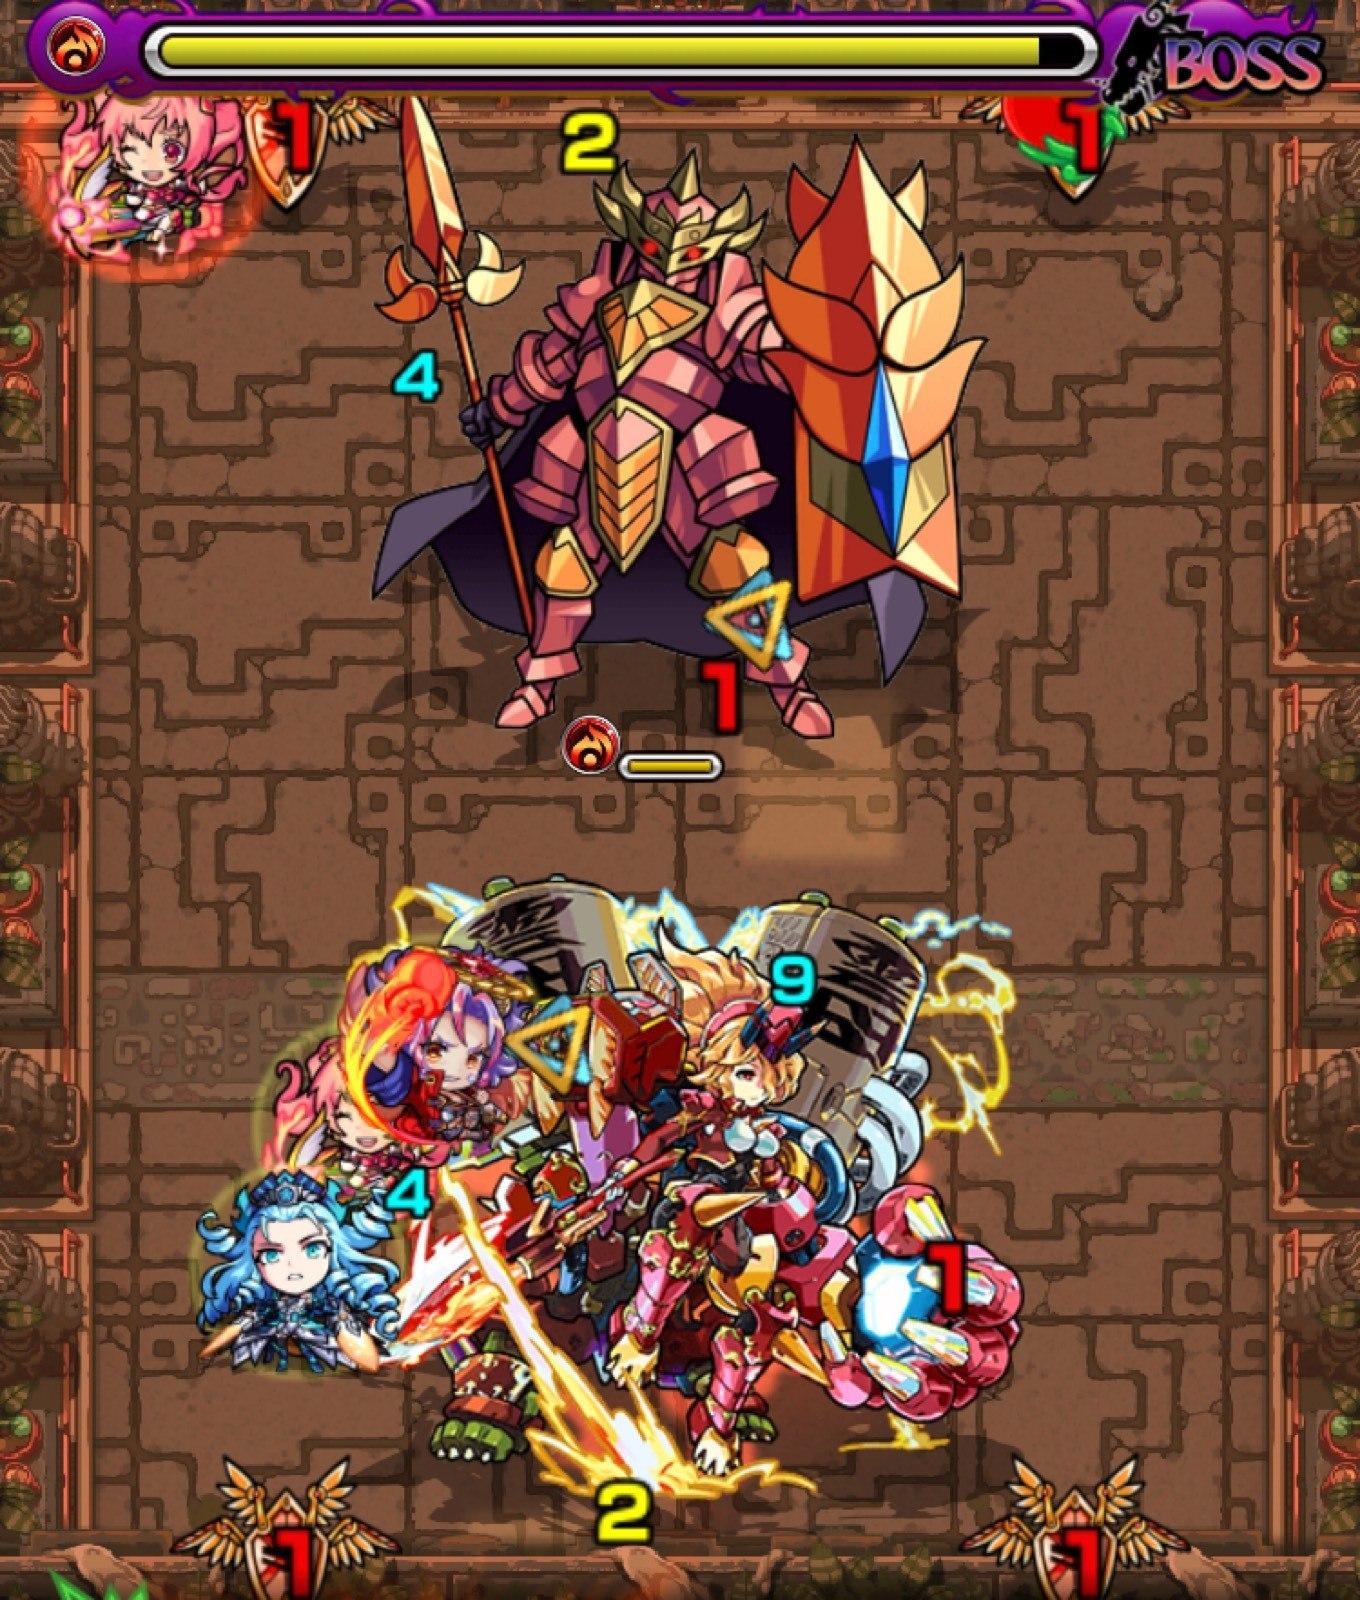 獄炎の神殿(火時2)ボス第4ステージ